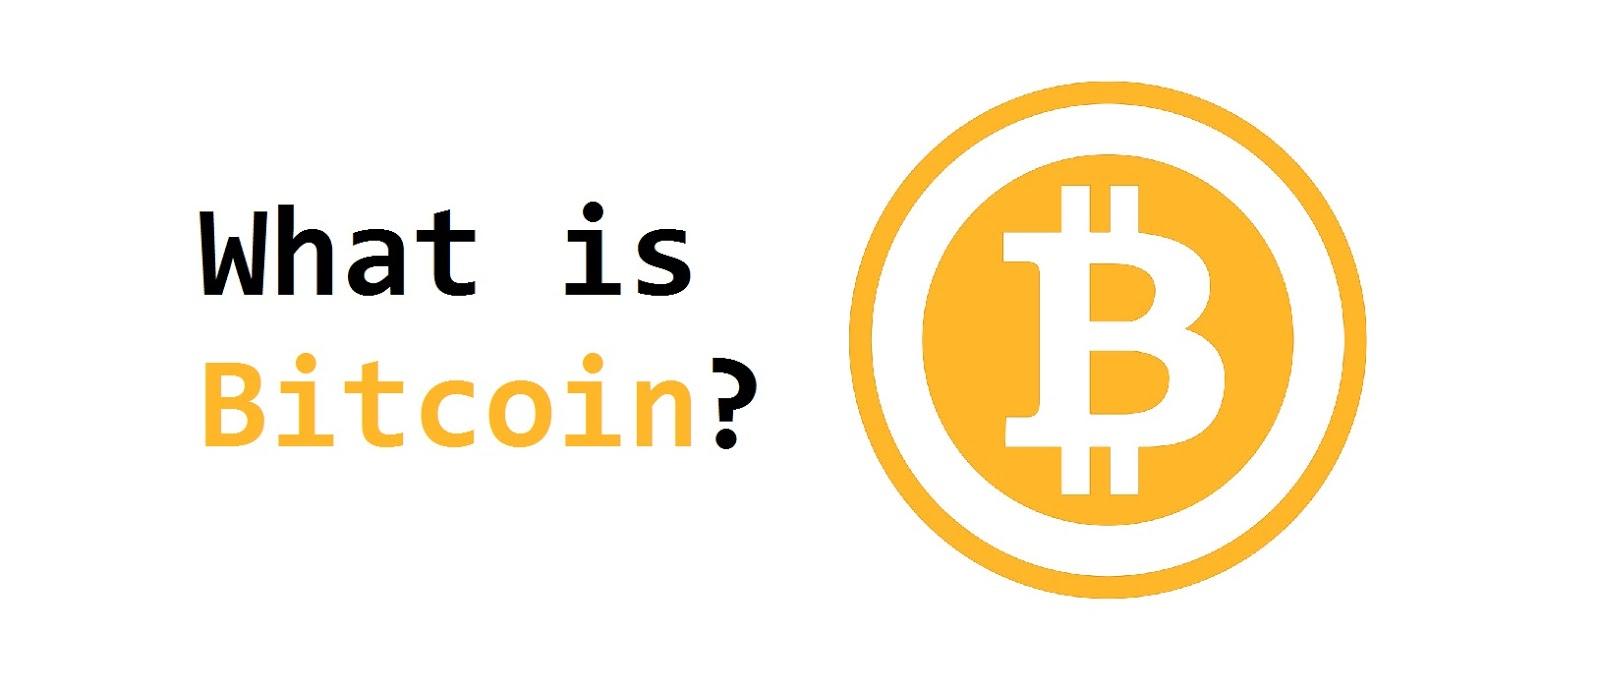 Bitcoin? Apa Manfaat dan Kegunaannya? Ketahui Informasi Selengkapnya!